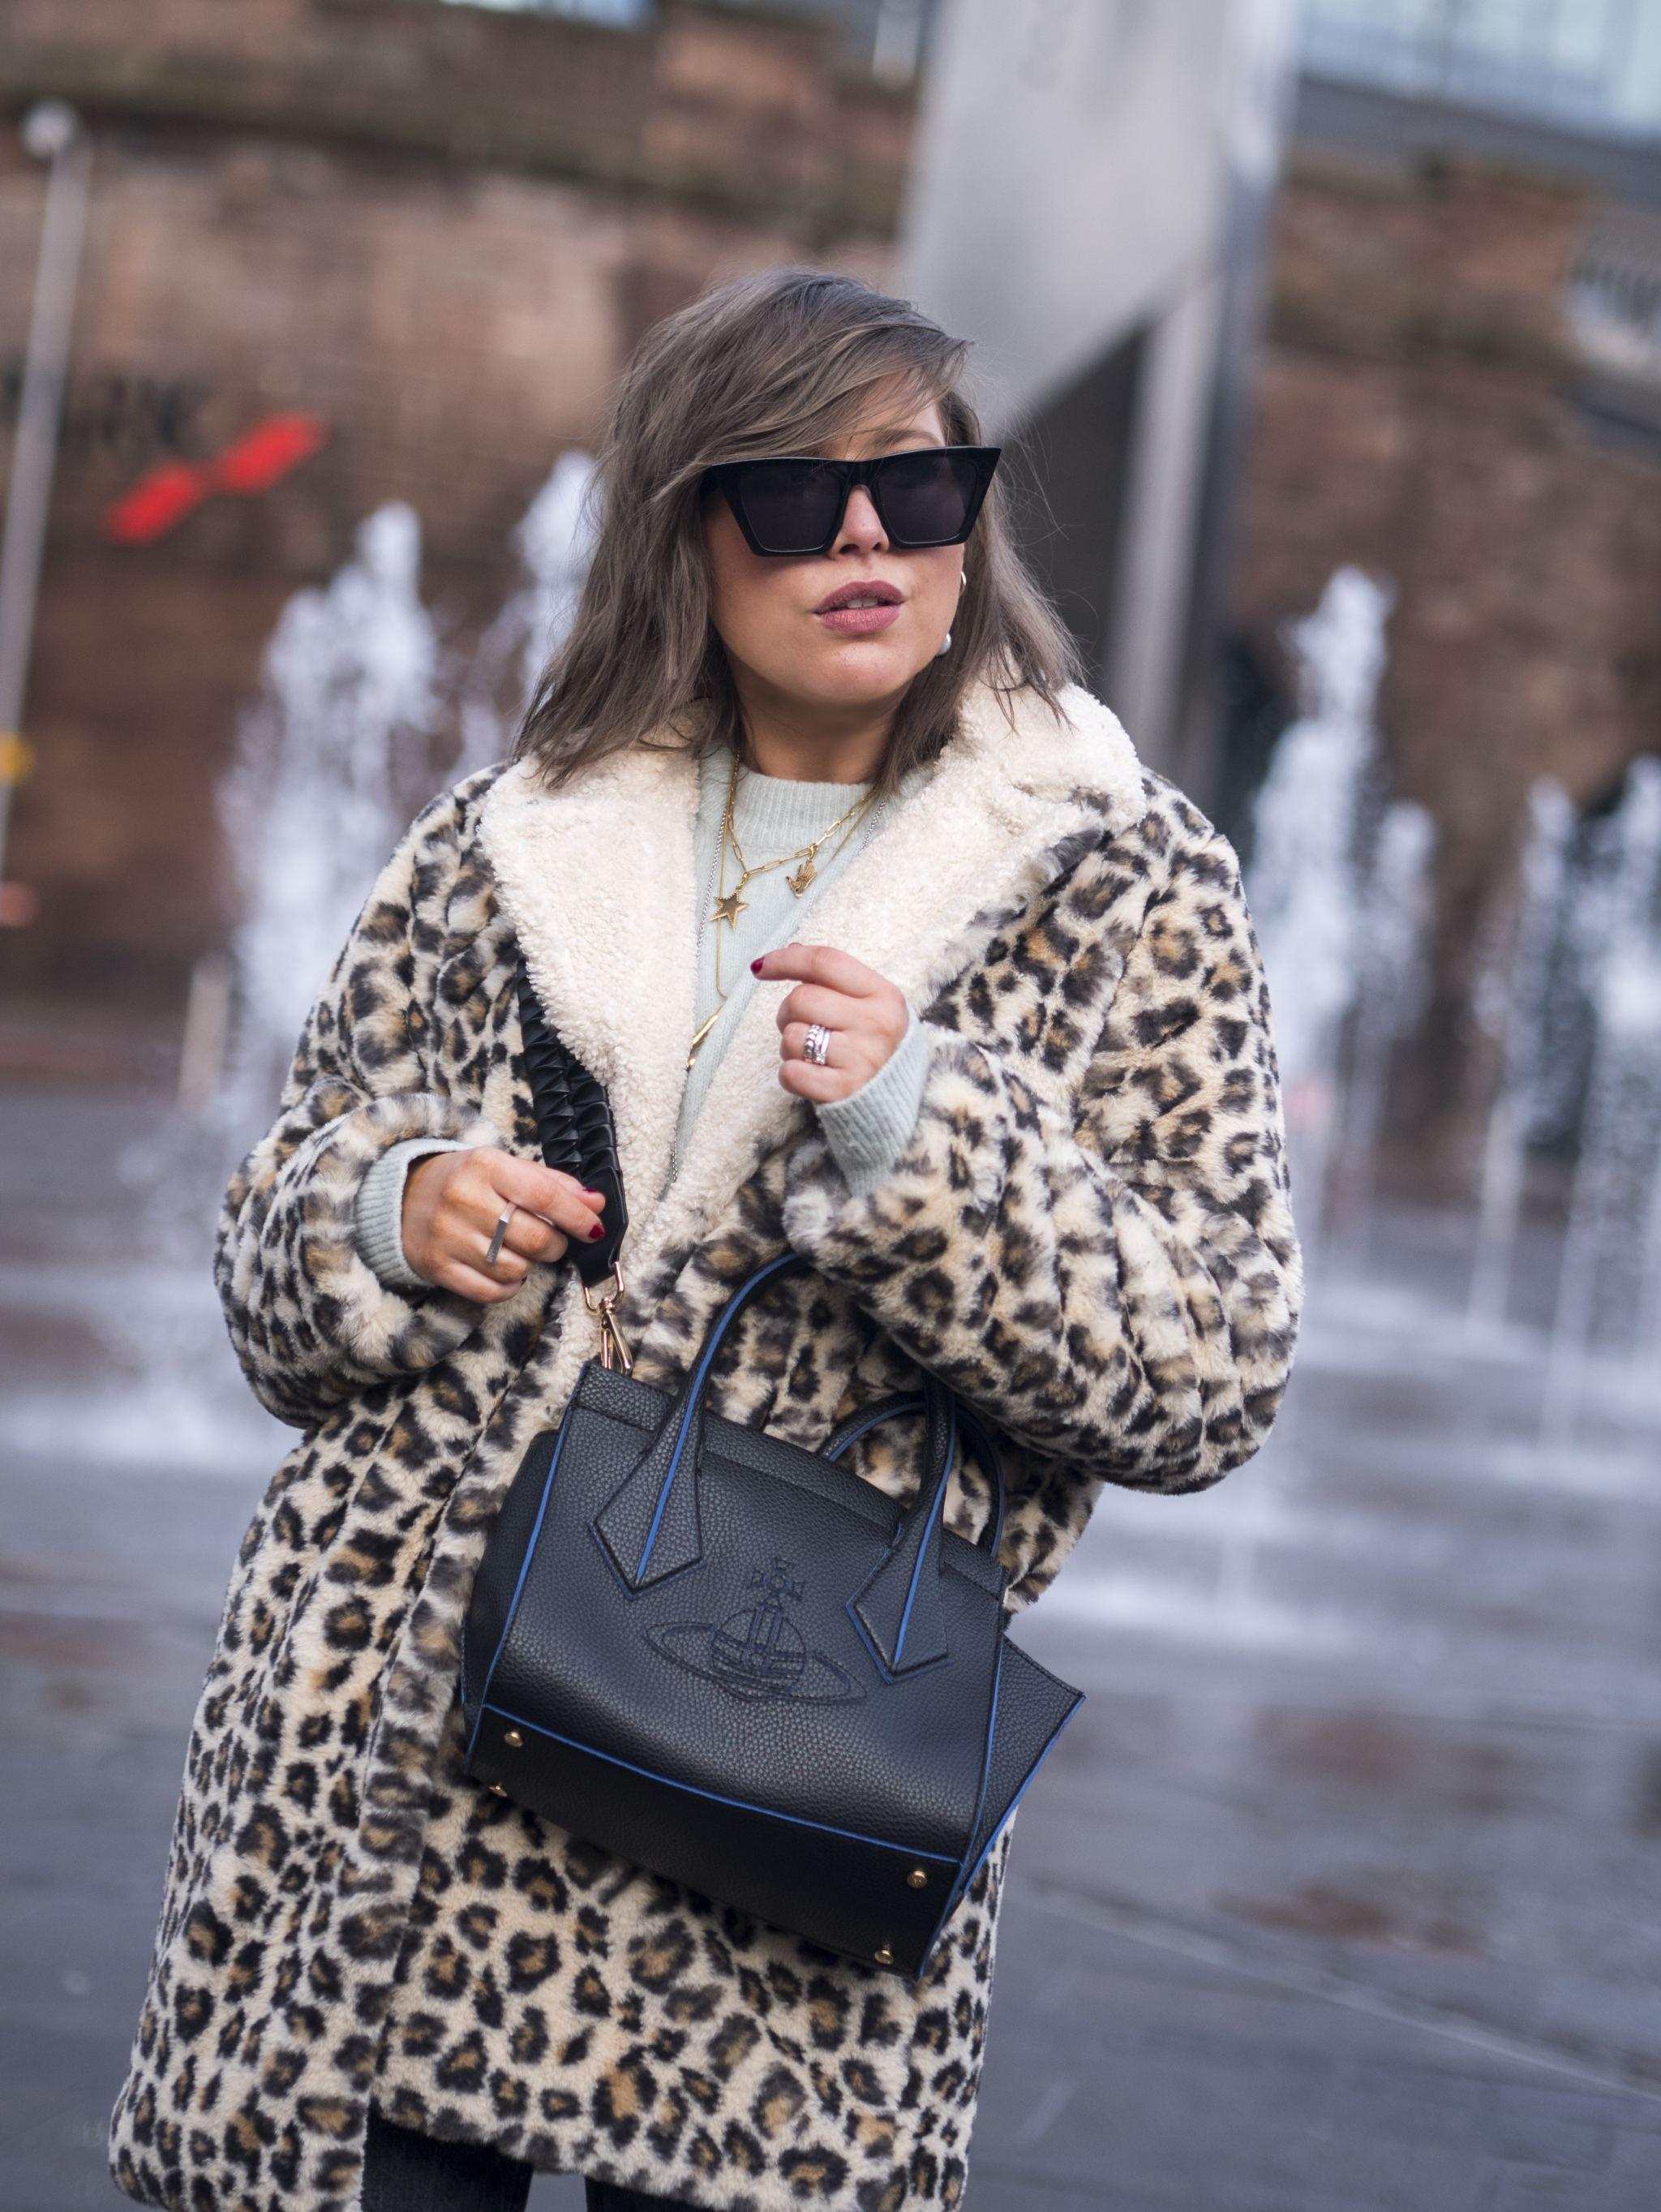 manchester fashion blogger, manchester blogger , manchester bloggers, Teddy  Coat, Styling coat , Louis Vuitton bag, Speedy 35 bag